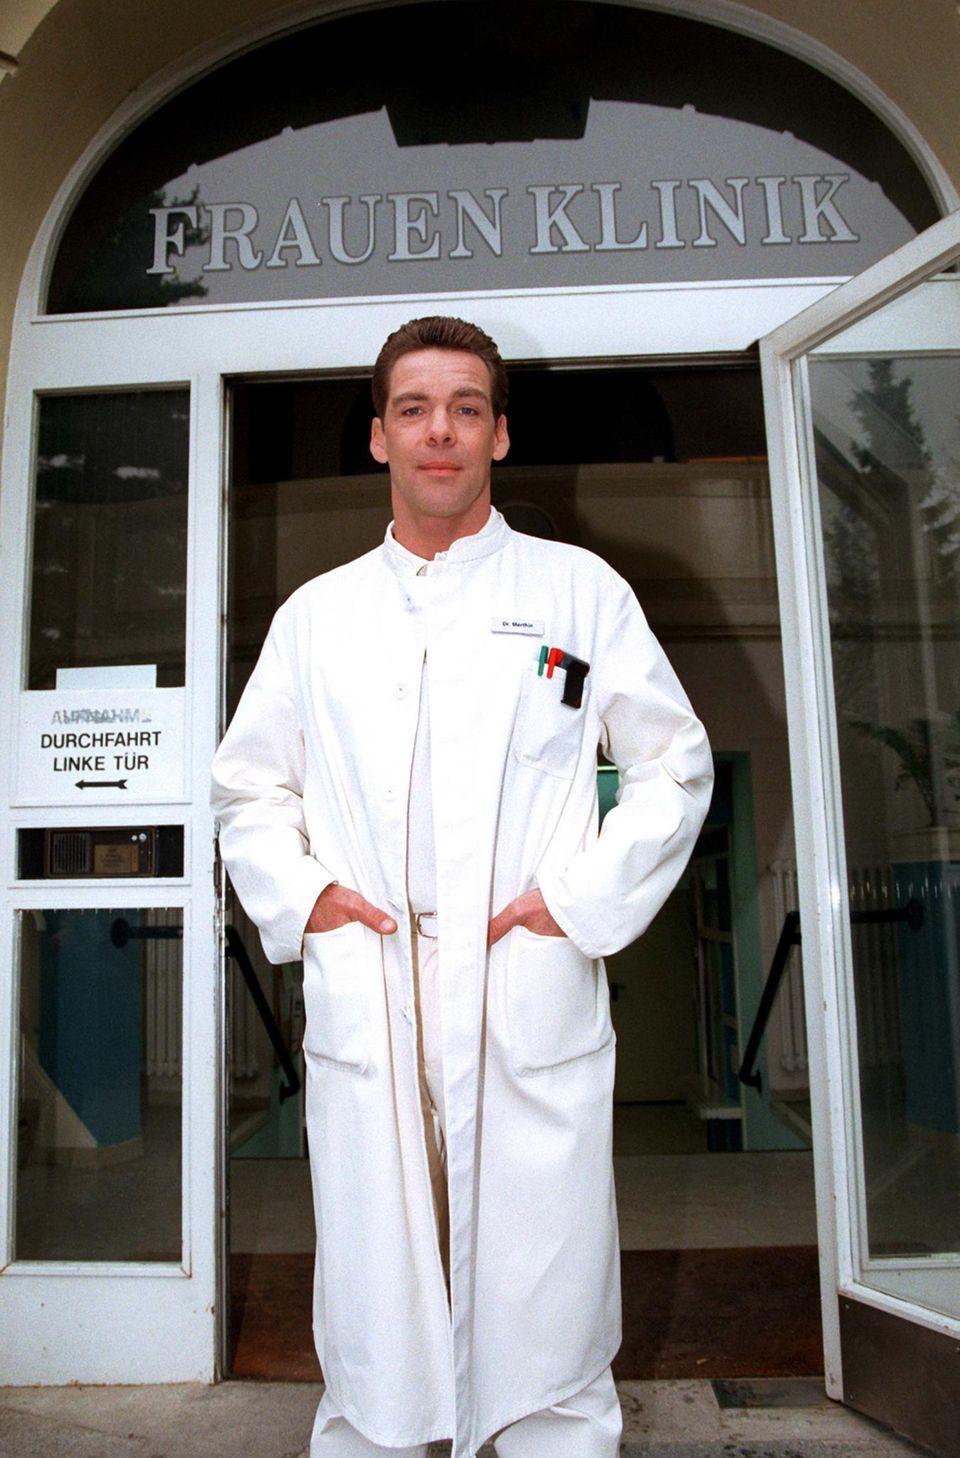 """Imagewandel? Eher nicht. Aber die Fachrichtung wechselt Sascha Hehn Ende der 1990er-Jahre. Aus dem Chirurgen """"Dr. Udo Brinkmann"""" wird der Frauenarzt """"Dr. Markus Merthin"""""""